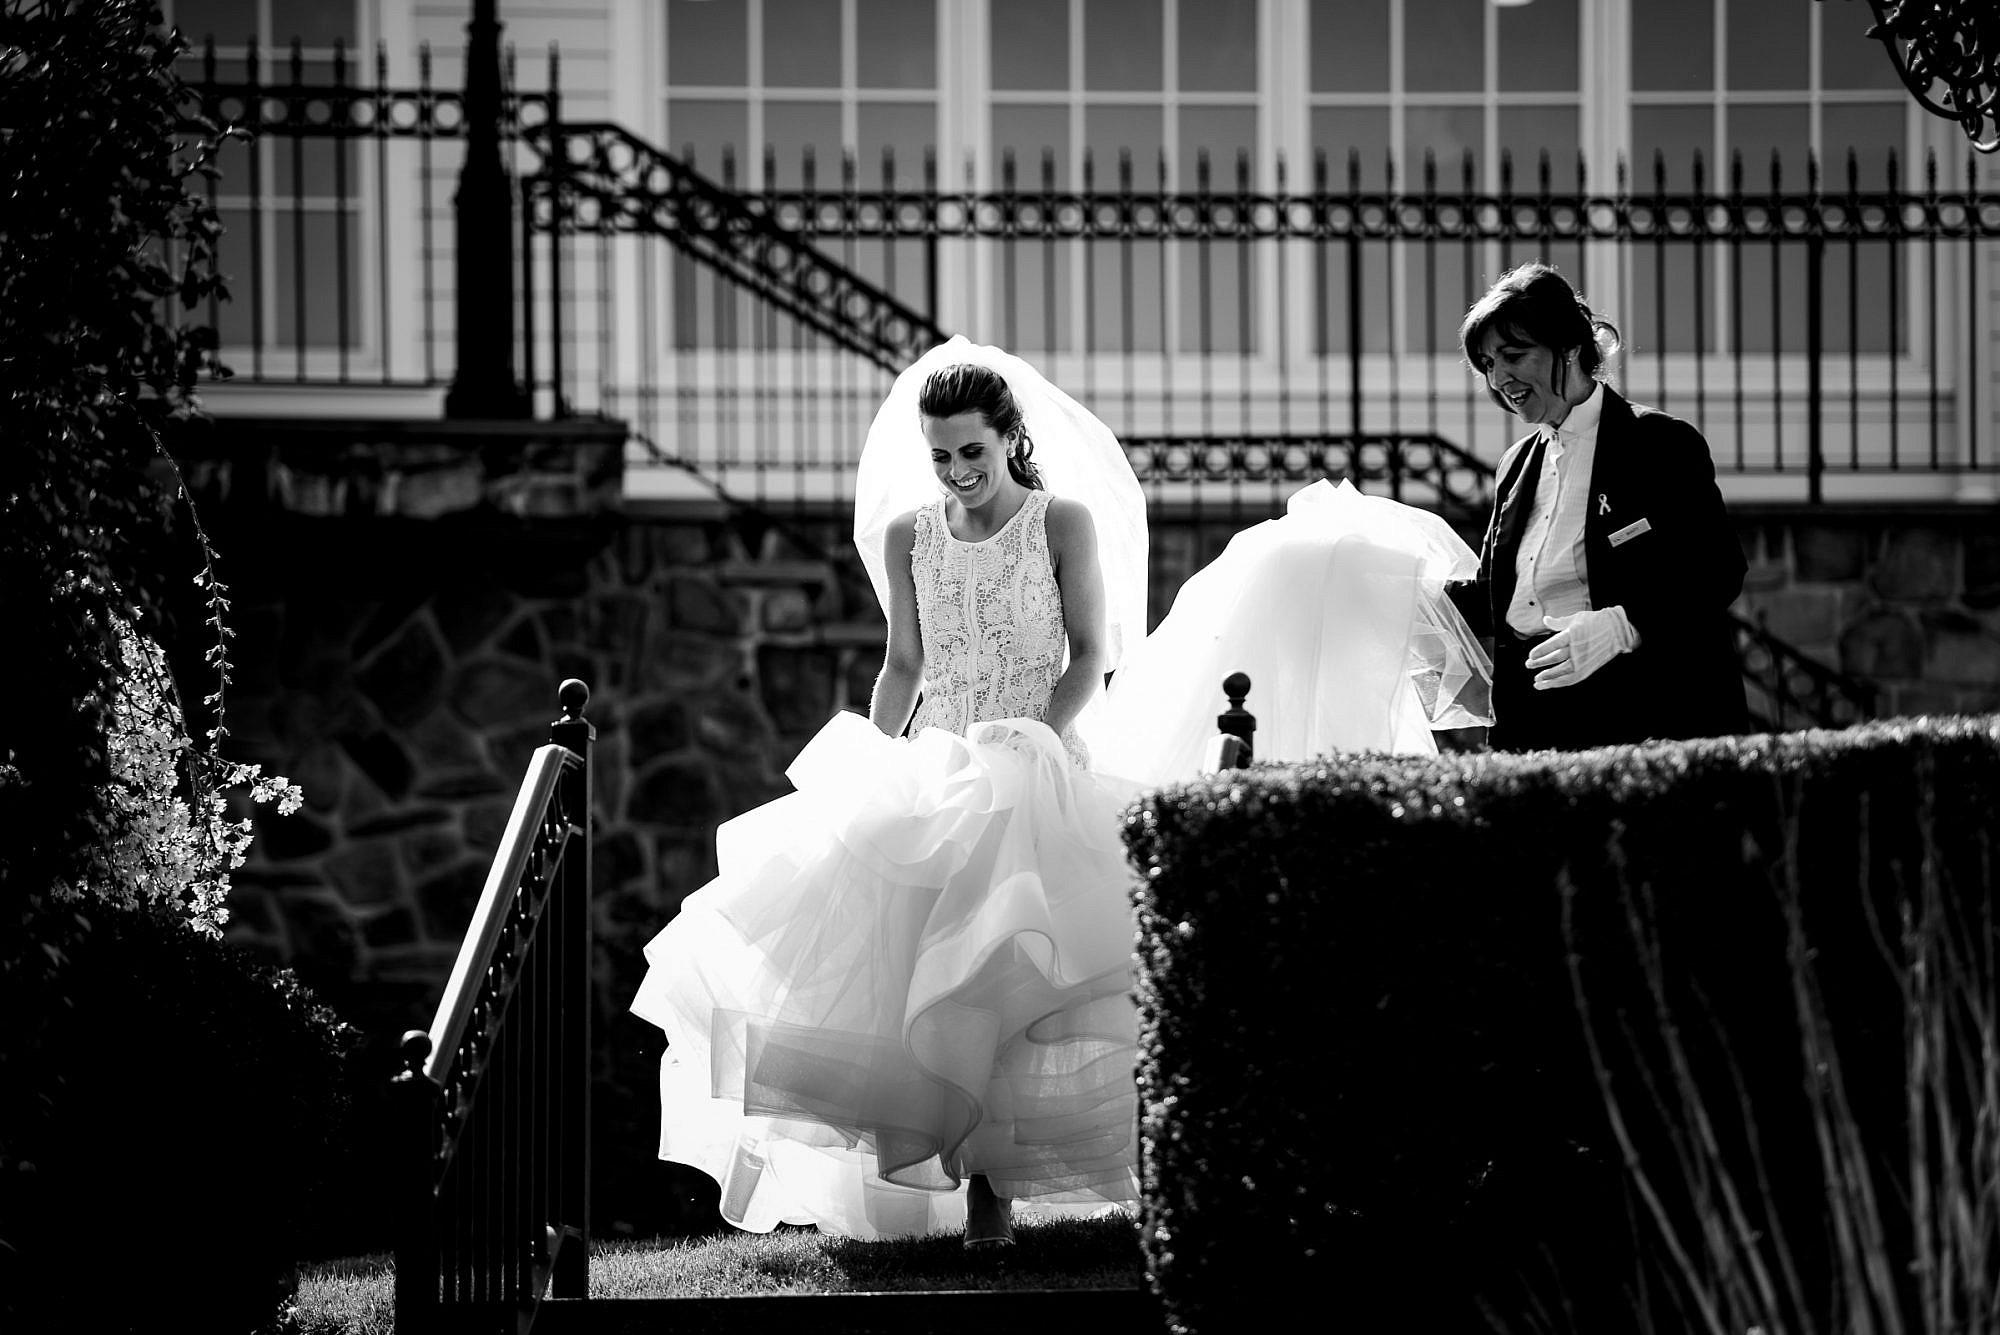 wedding photography-71